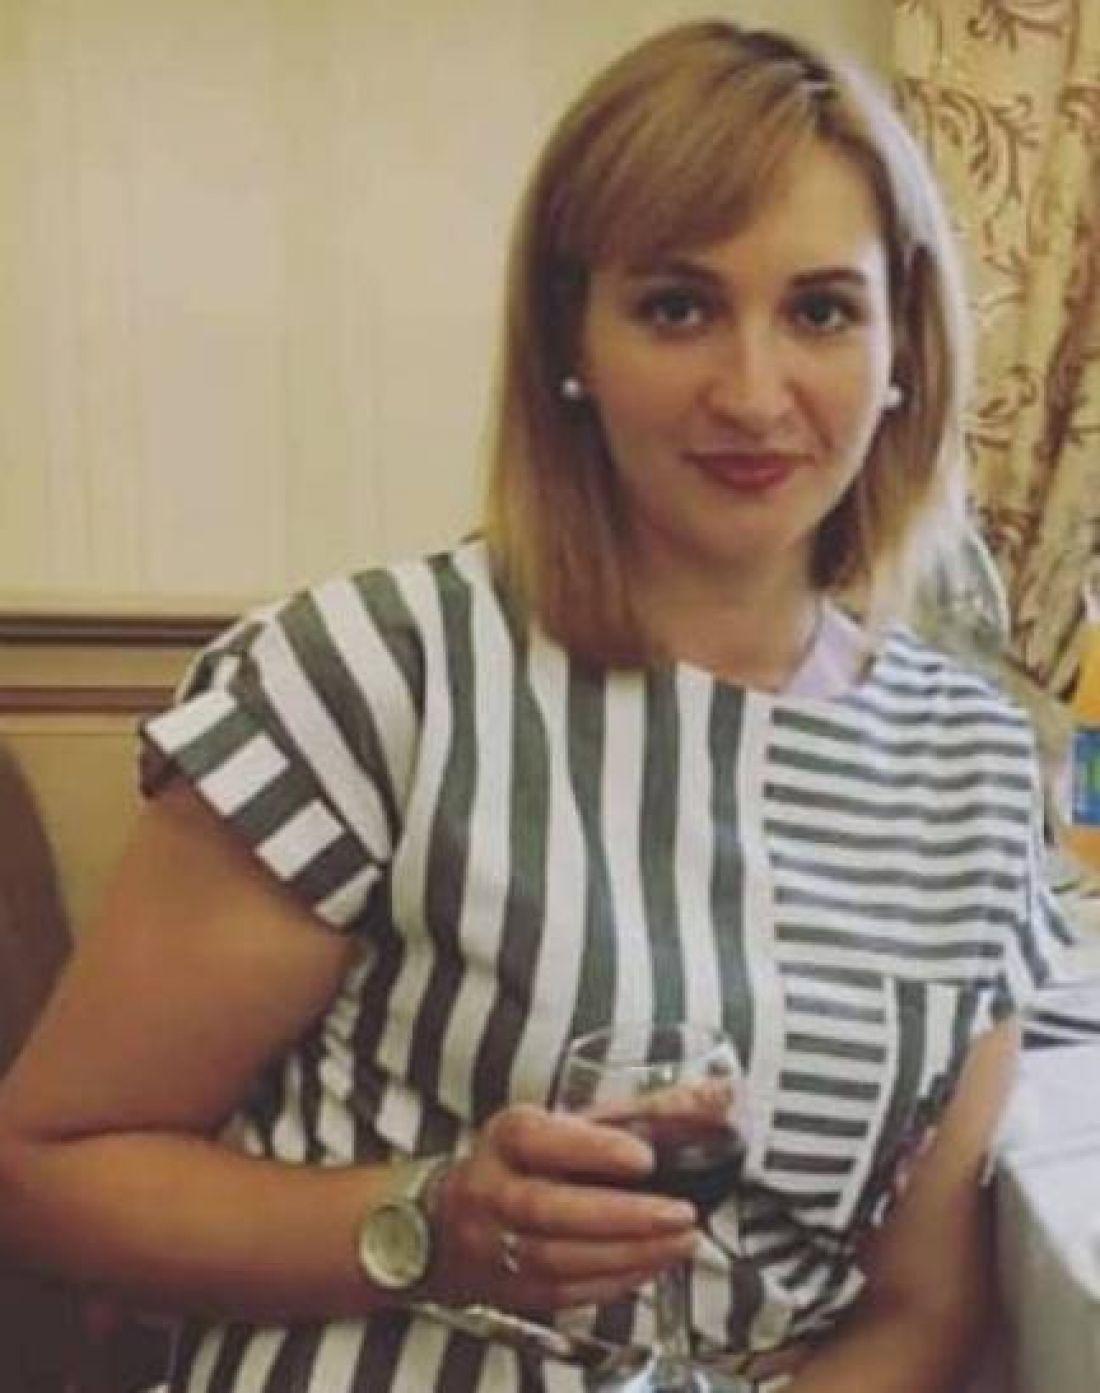 Вийшла з дому і не повернулася – на Тернопільщині тиждень розшукують дівчину